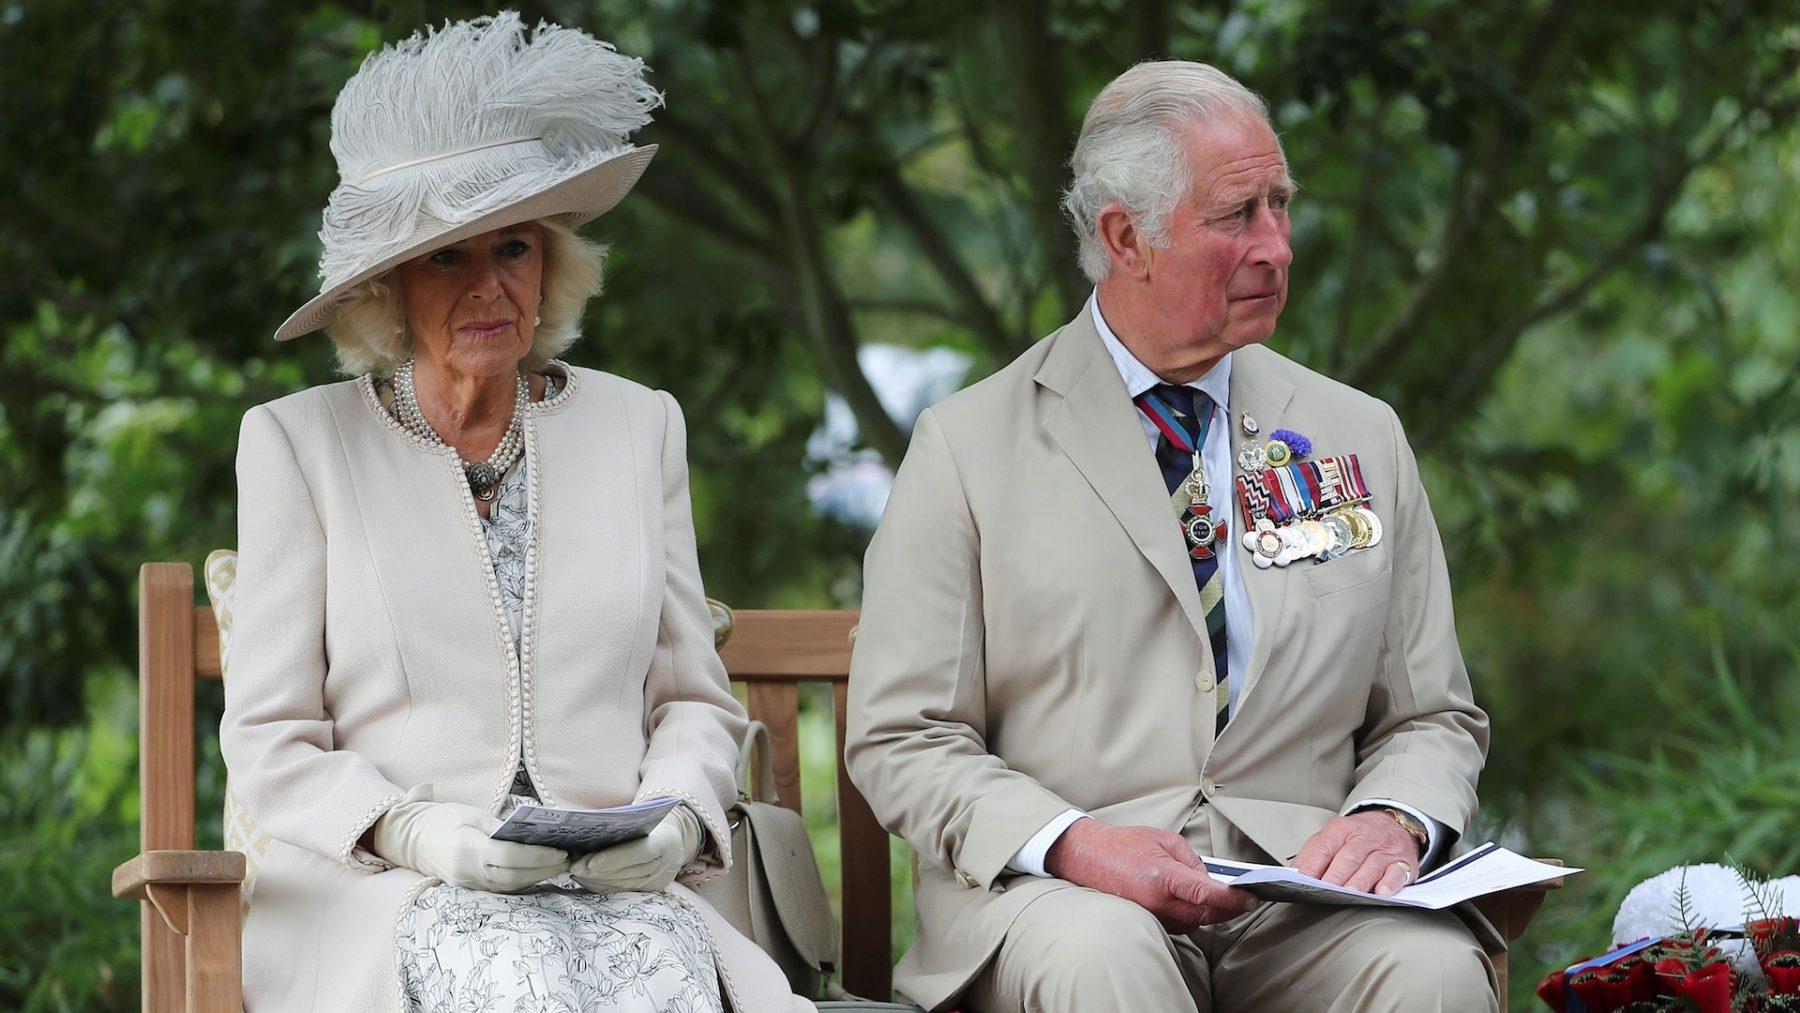 Schrijver 'Family Guy' doet op geestige wijze verslag van het Britse koningshuis